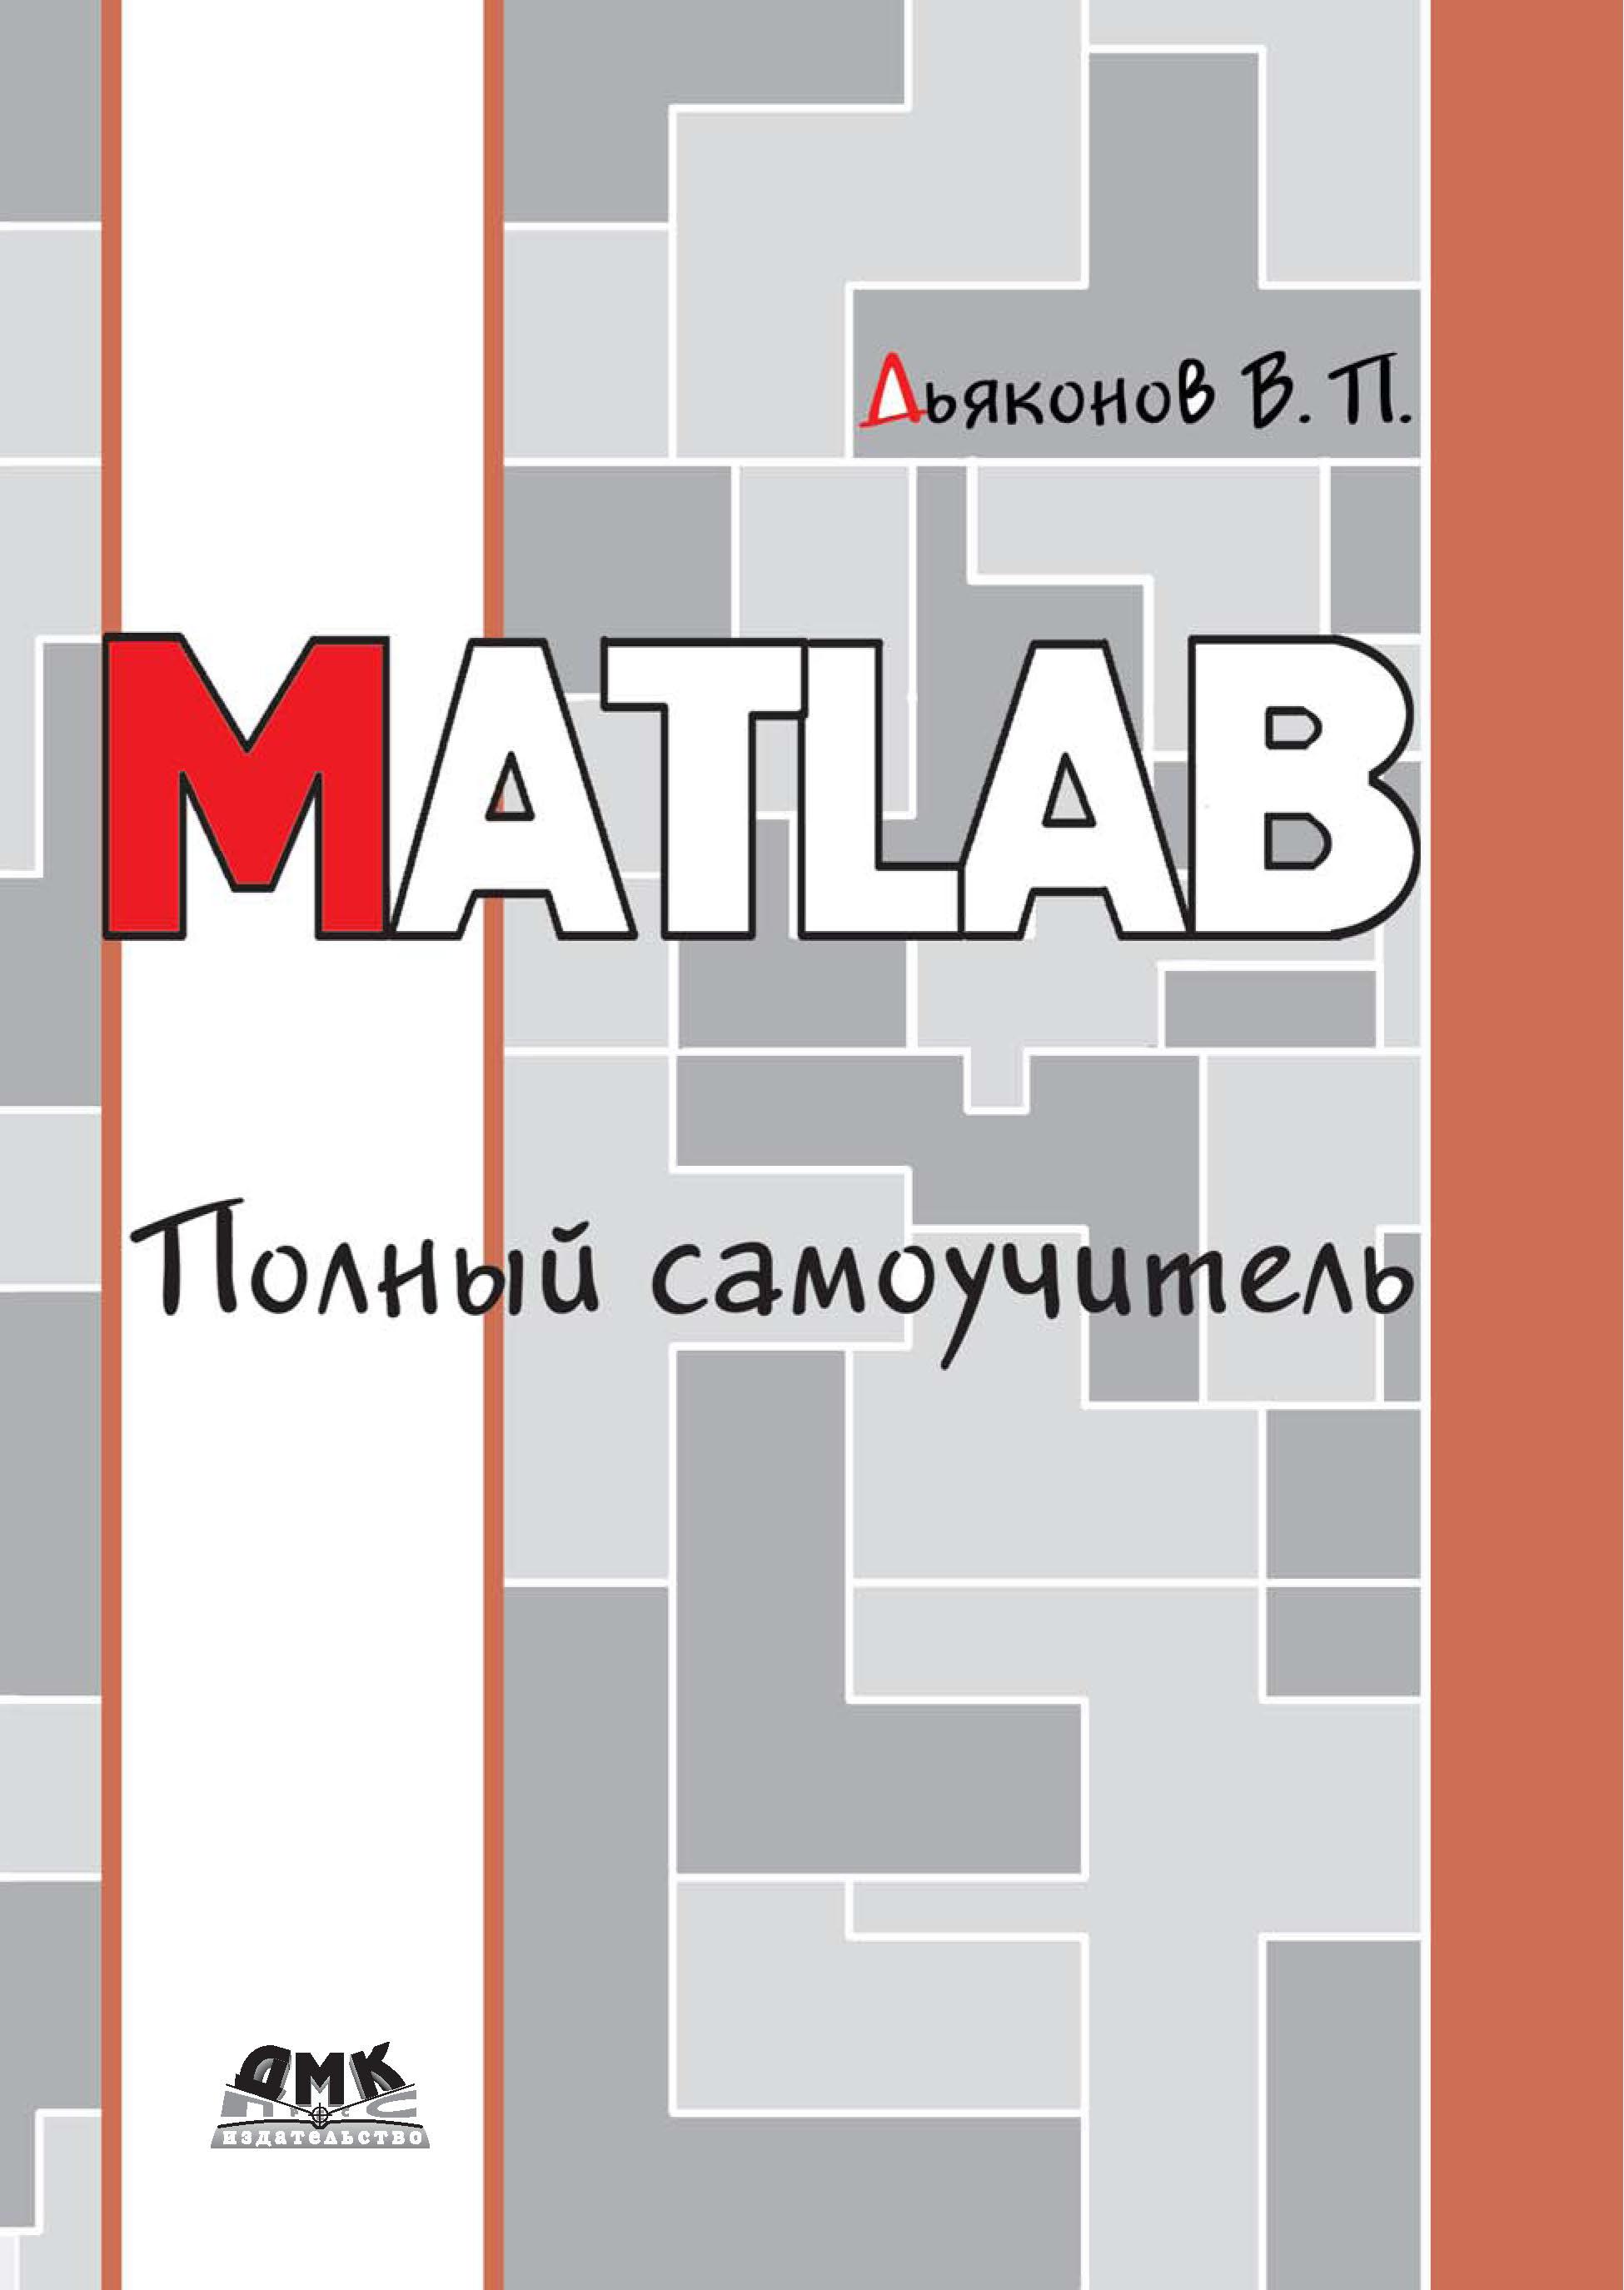 В. П. Дьяконов MATLAB. Полный самоучитель в п дьяконов matlab r2006 2007 2008 simulink 5 6 7 основы применения